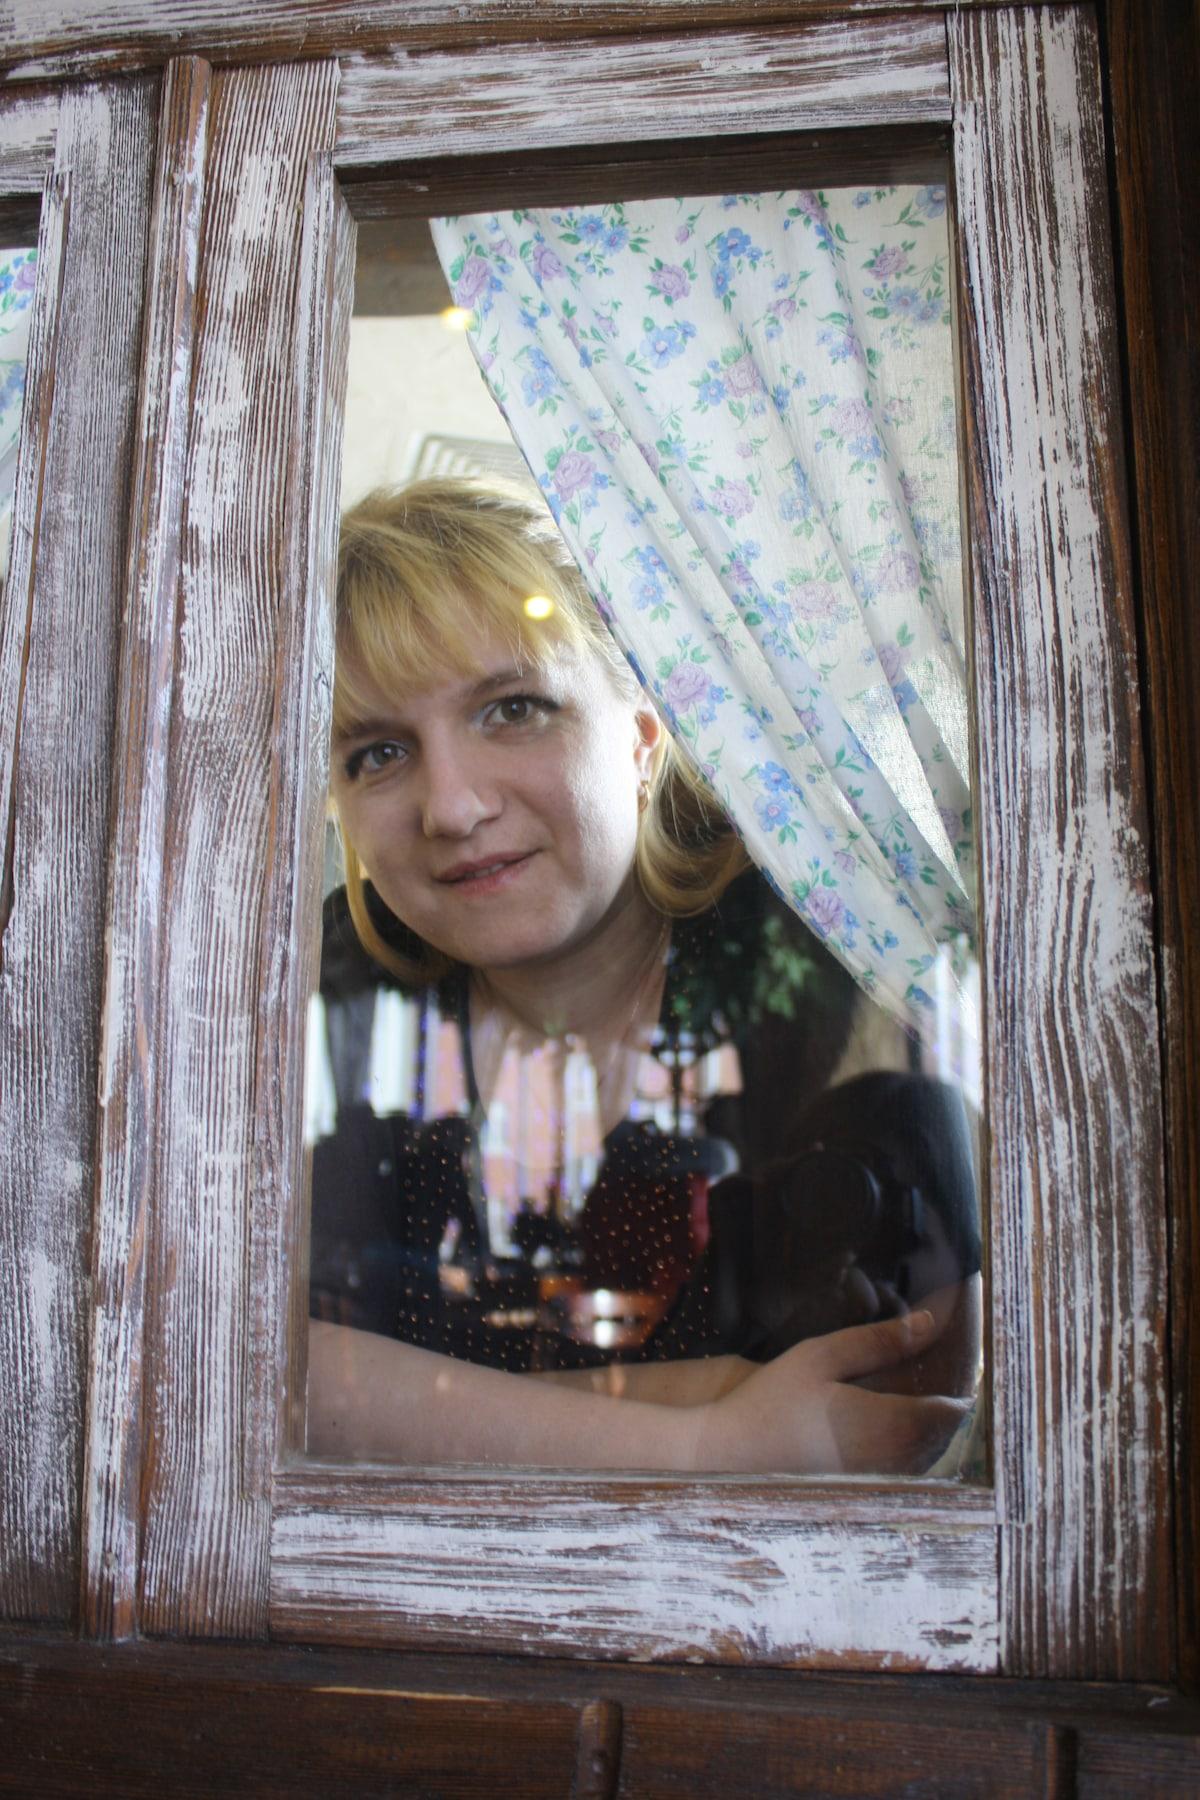 Anna from Grottaminarda